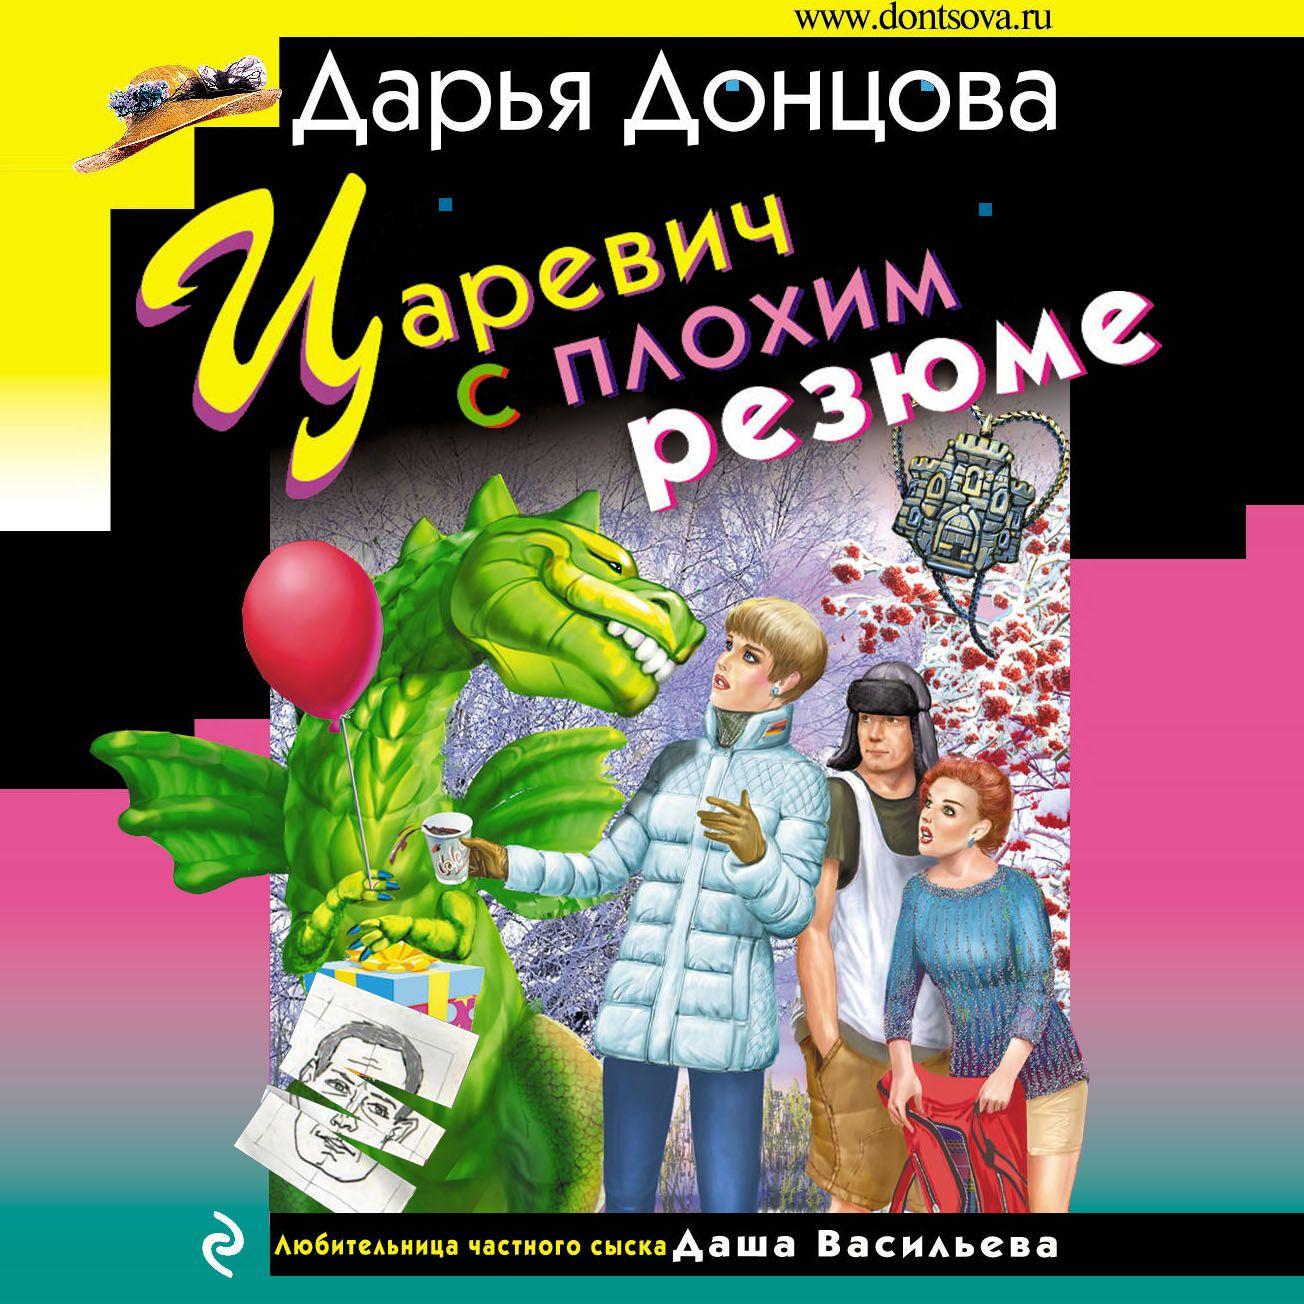 Купить книгу Царевич с плохим резюме, автора Дарьи Донцовой